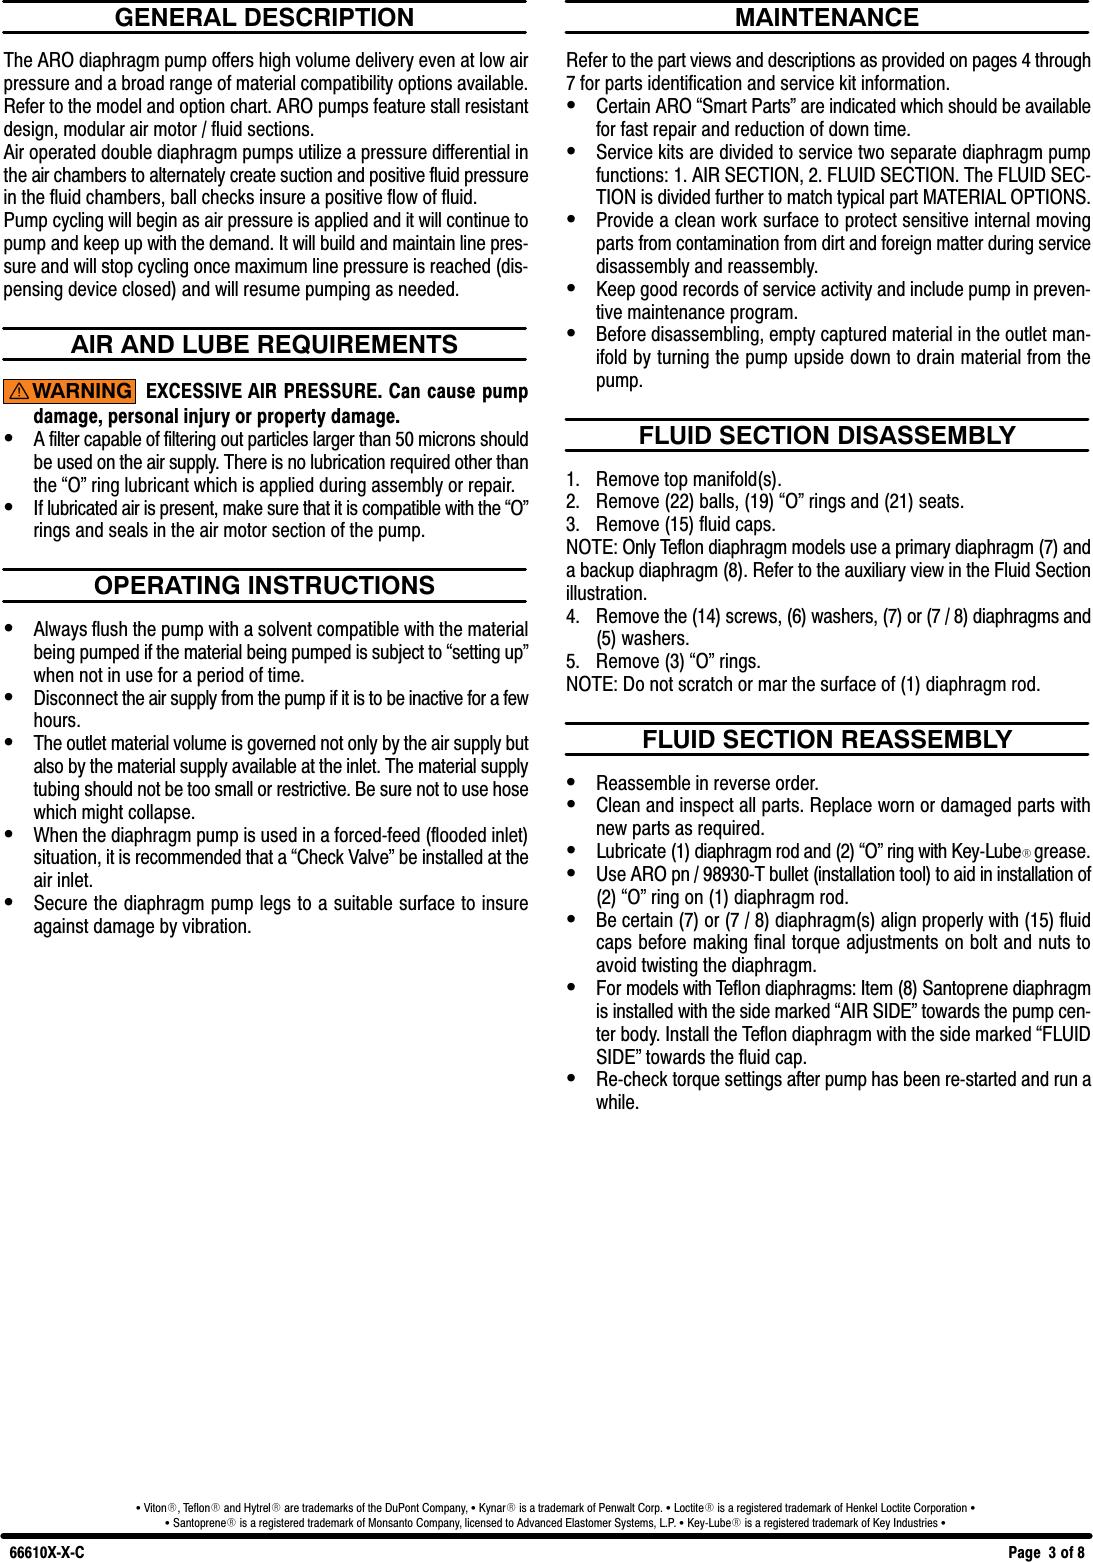 Ingersoll Rand Diaphragm Pump 66610X X C Users Manual 66610X(w)